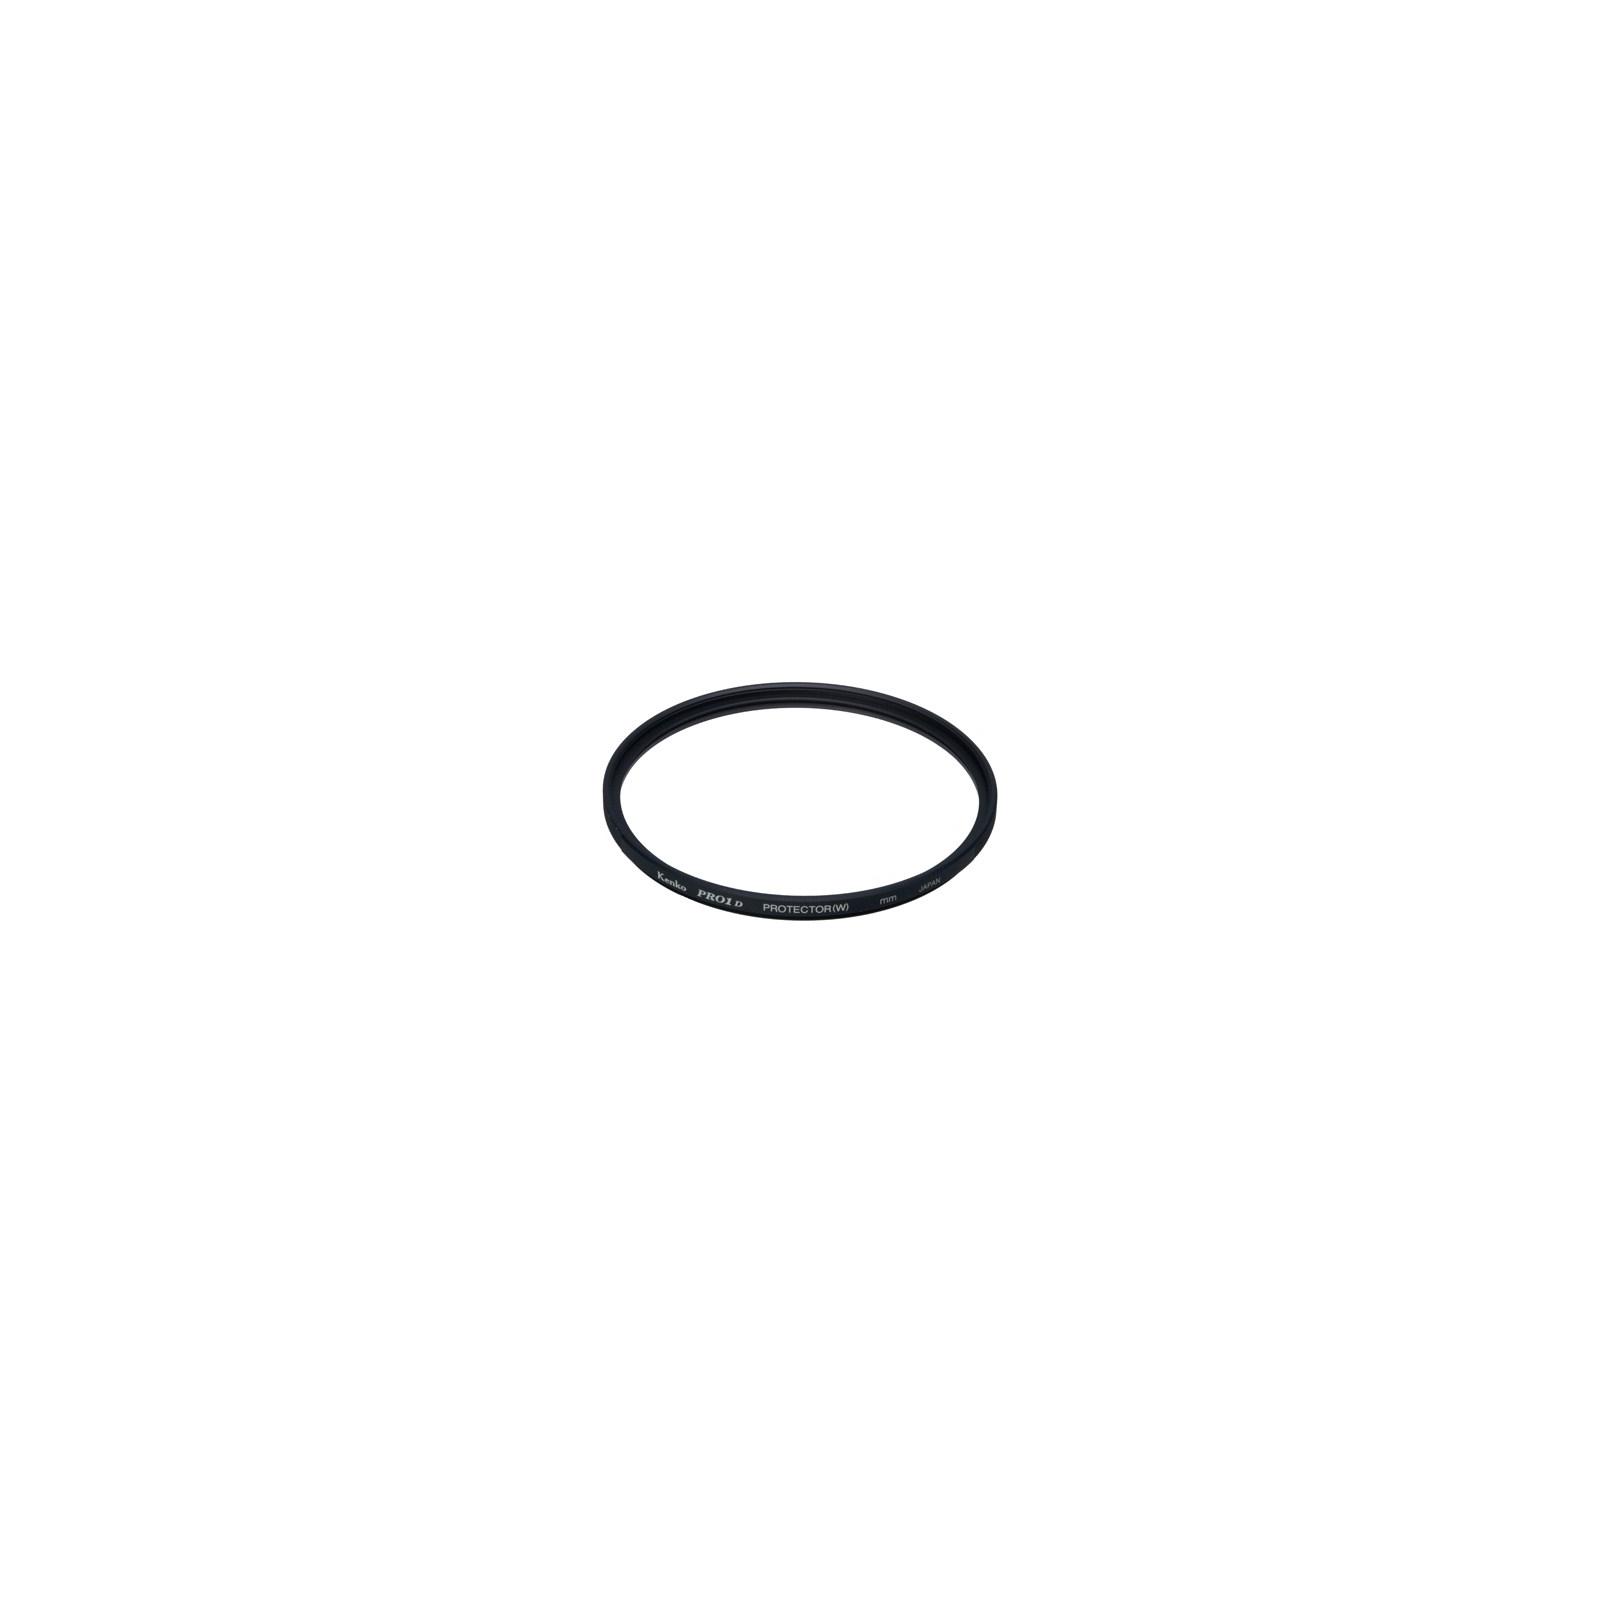 Светофильтр Kenko PRO1D Protector 77mm (237754)